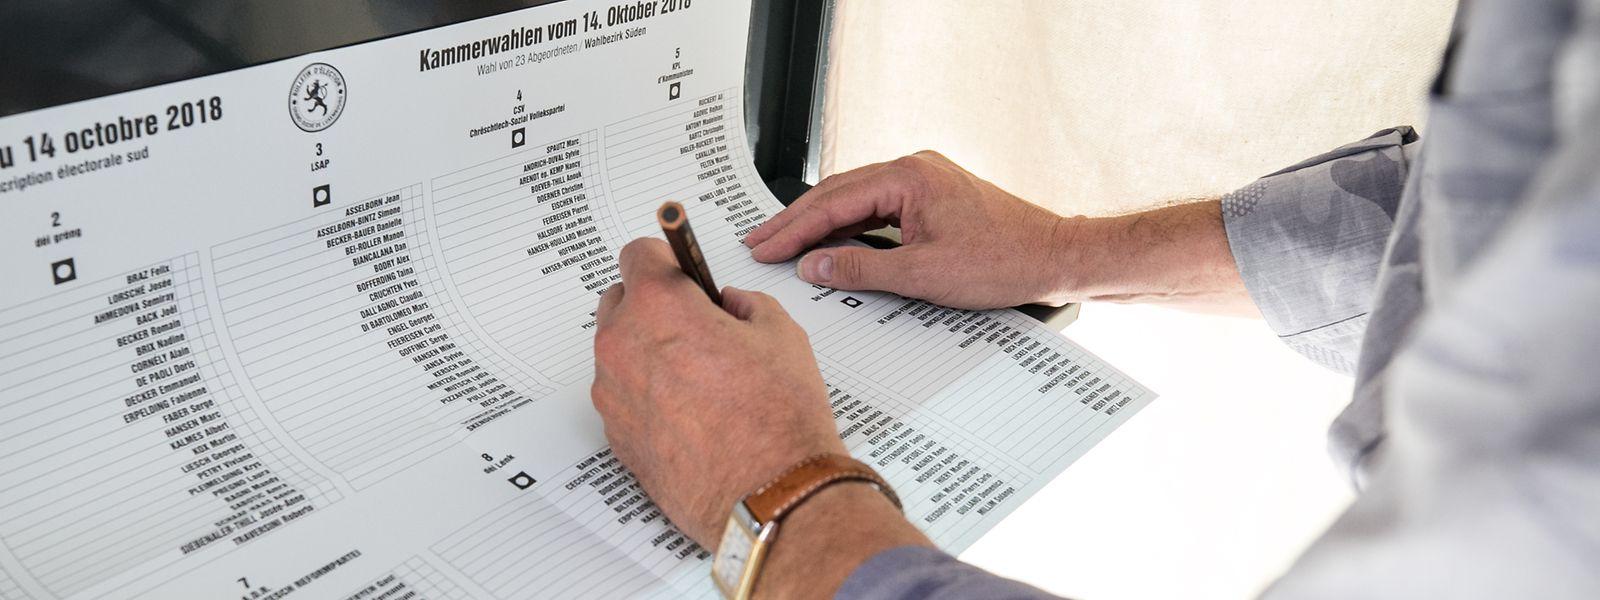 """Die Debatte um die Doppelmandate und die Wahlbezirke soll separat geführt werden. """"Mini-Referenden"""" sind nicht ausgeschlossen."""